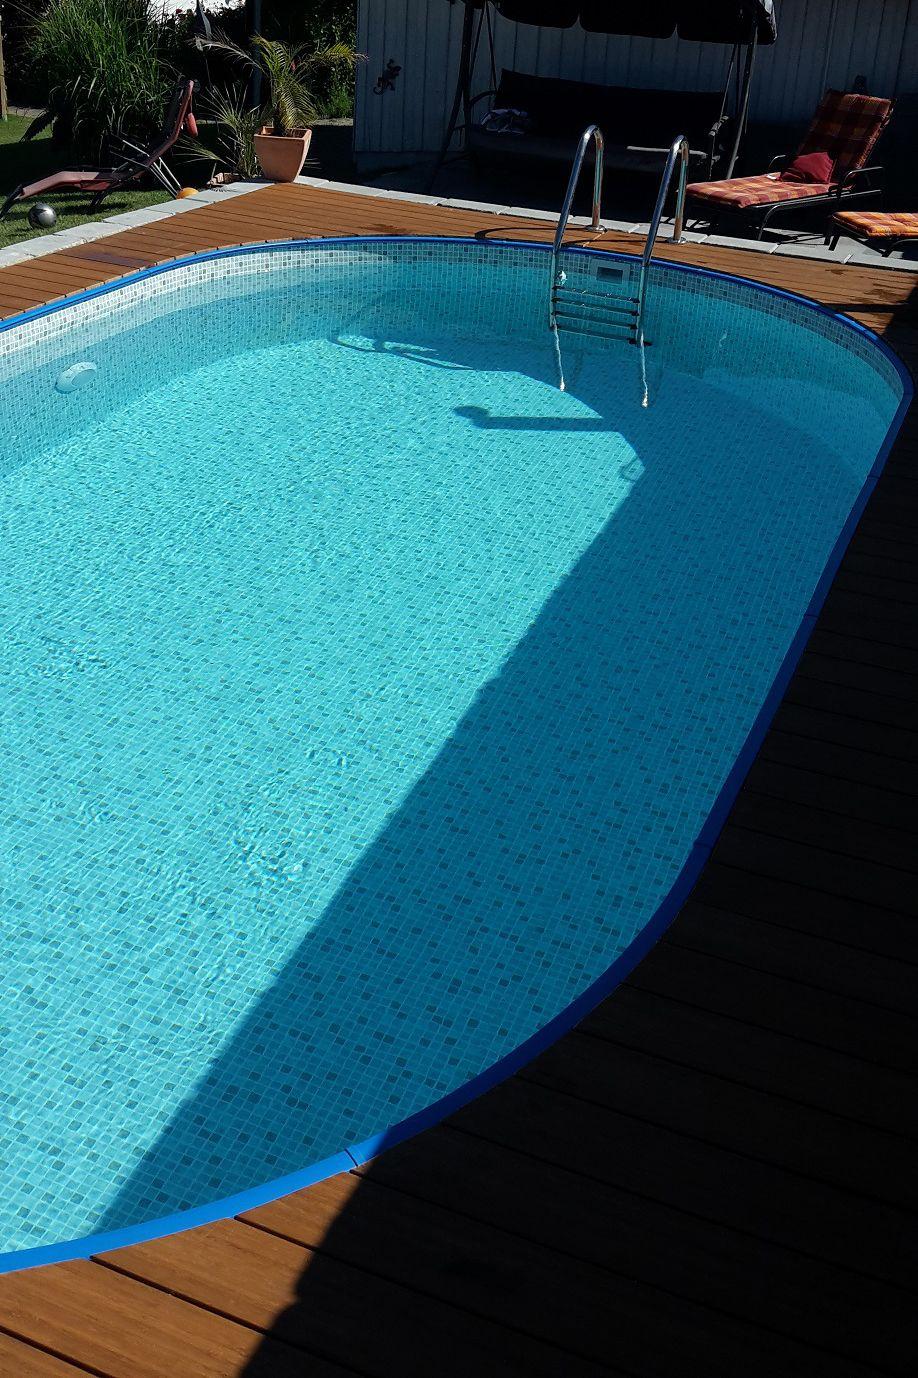 poolakademie.de - bauen sie ihren pool selbst! wir helfen ihnen